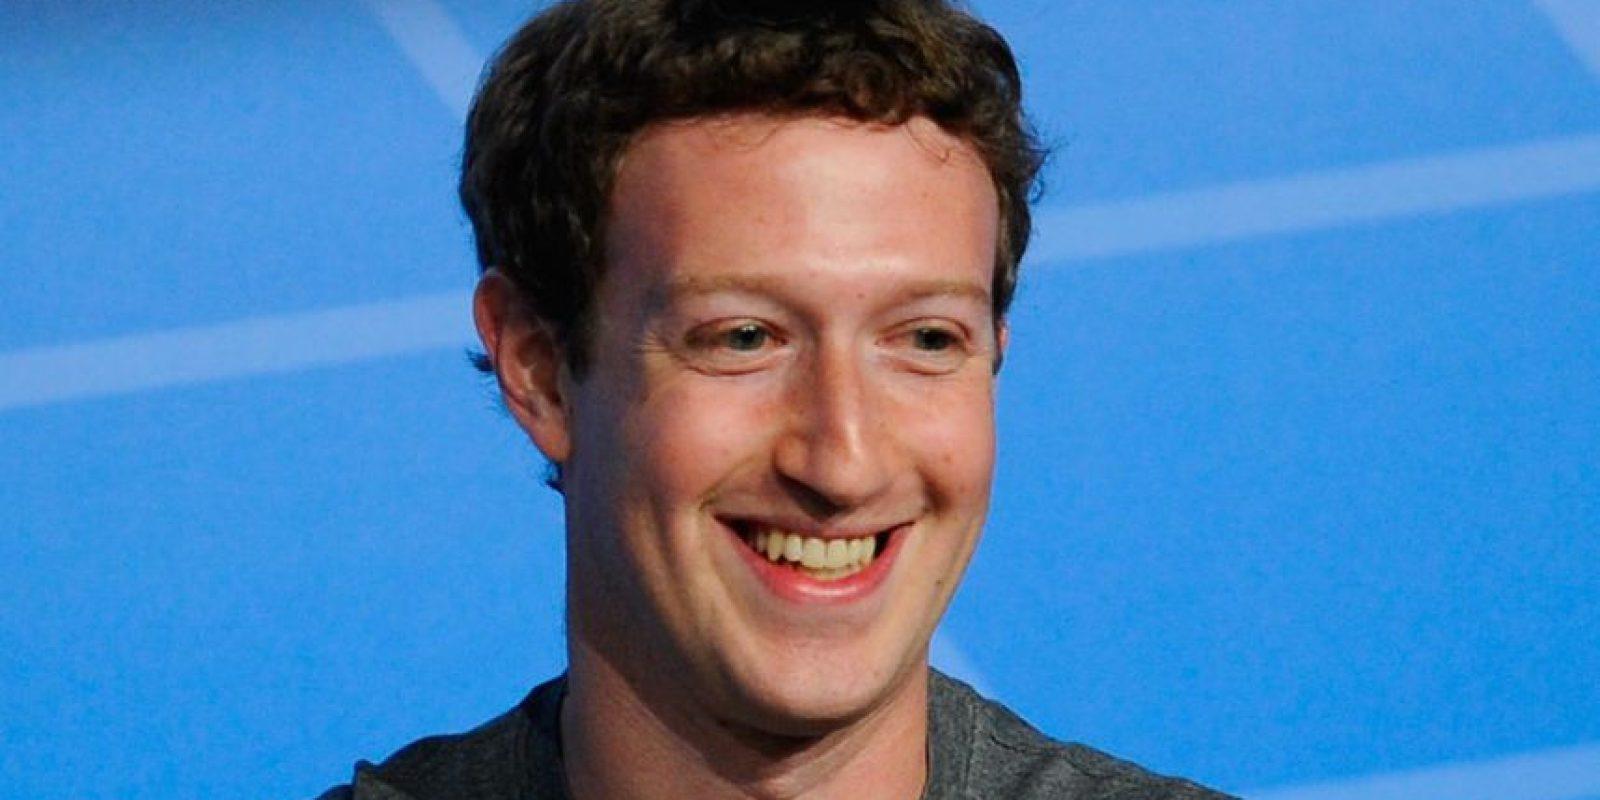 Mark Zuckerberg, CEO de Facebook, ha mostrado su intención de tener un mundo más conectado. Foto:Getty Images